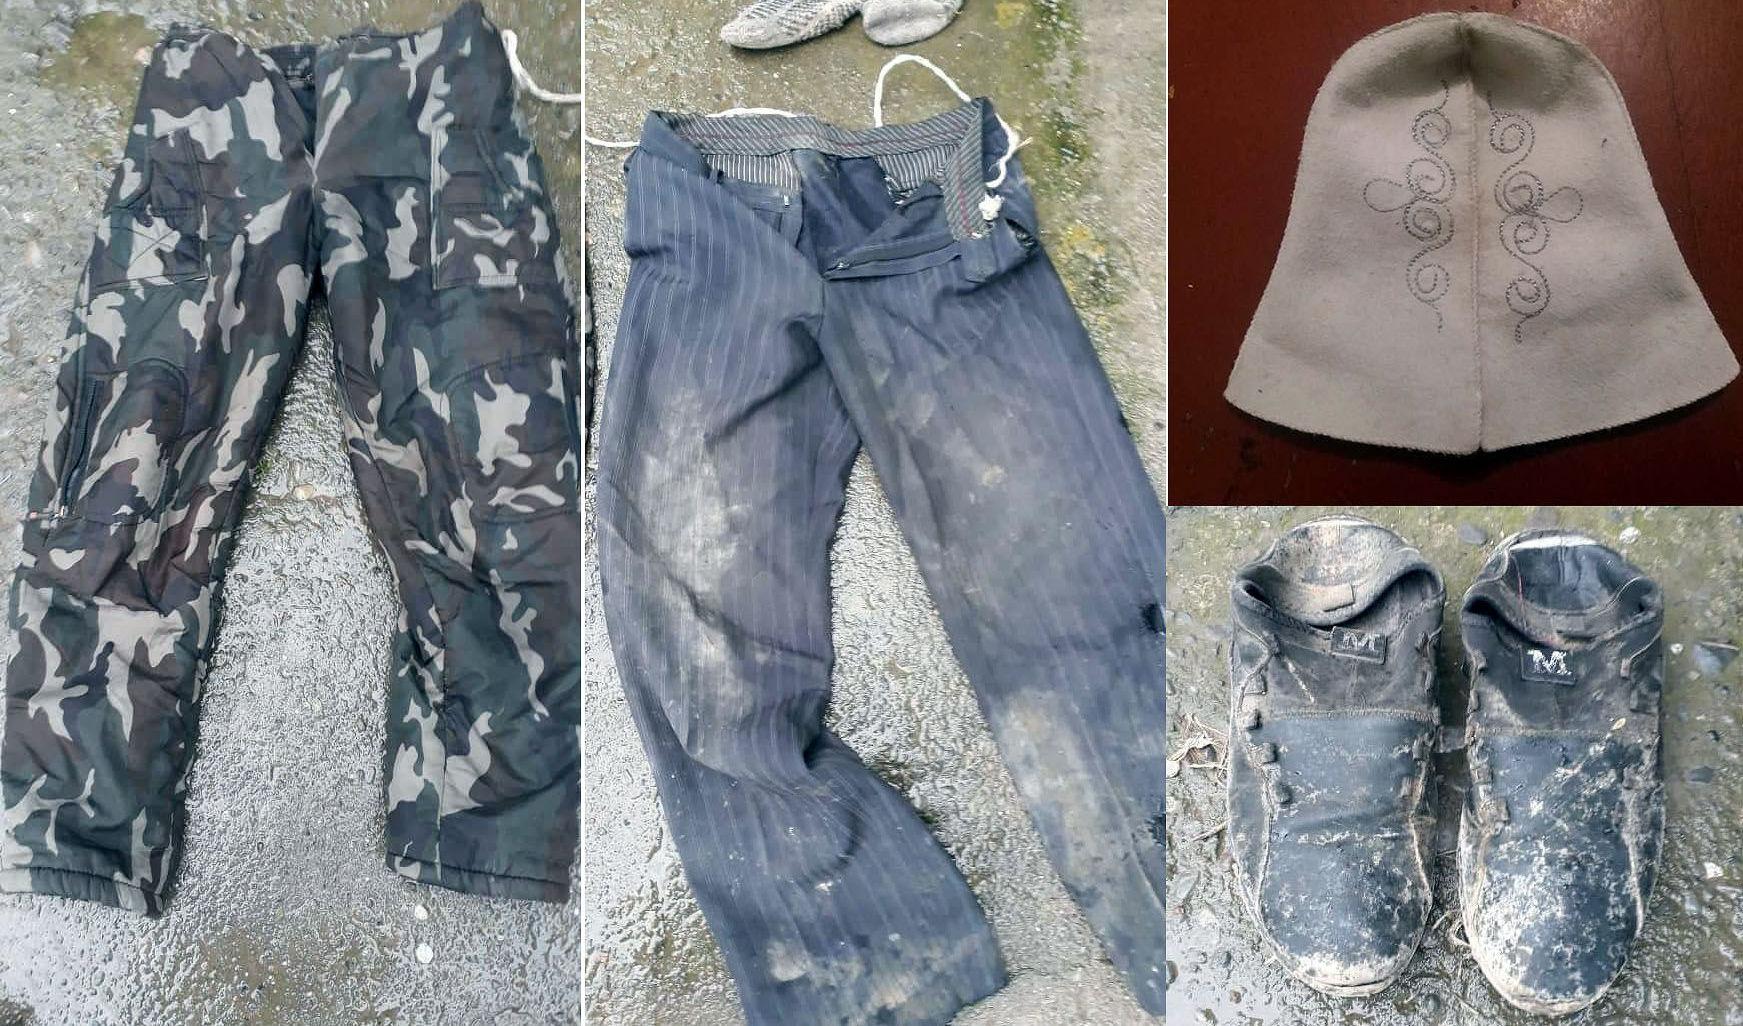 Одежда умершего мужчины, предоставленный милицией для опознания